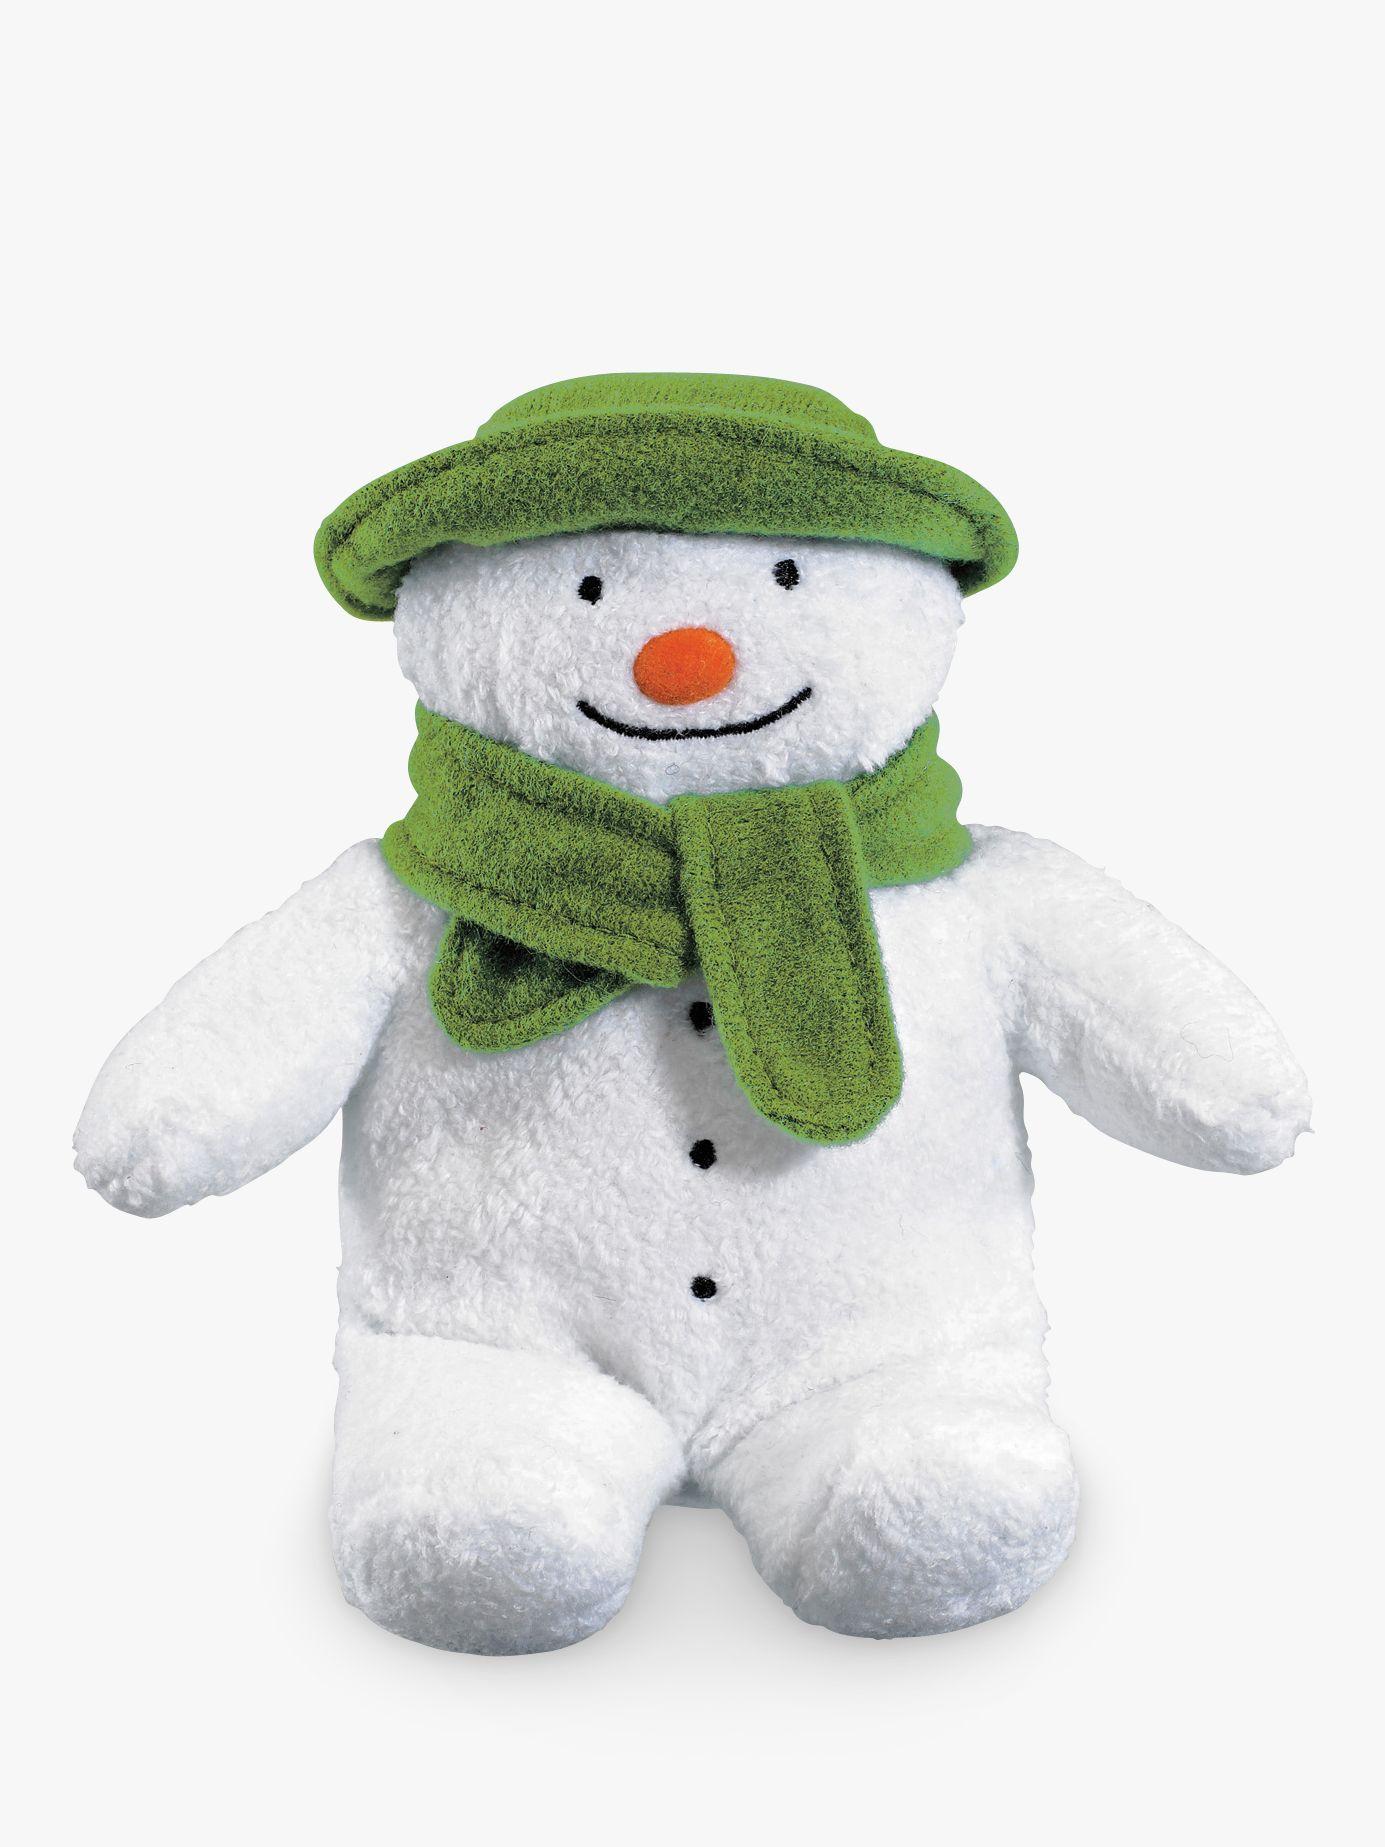 The Snowman The Snowman Bean Toy